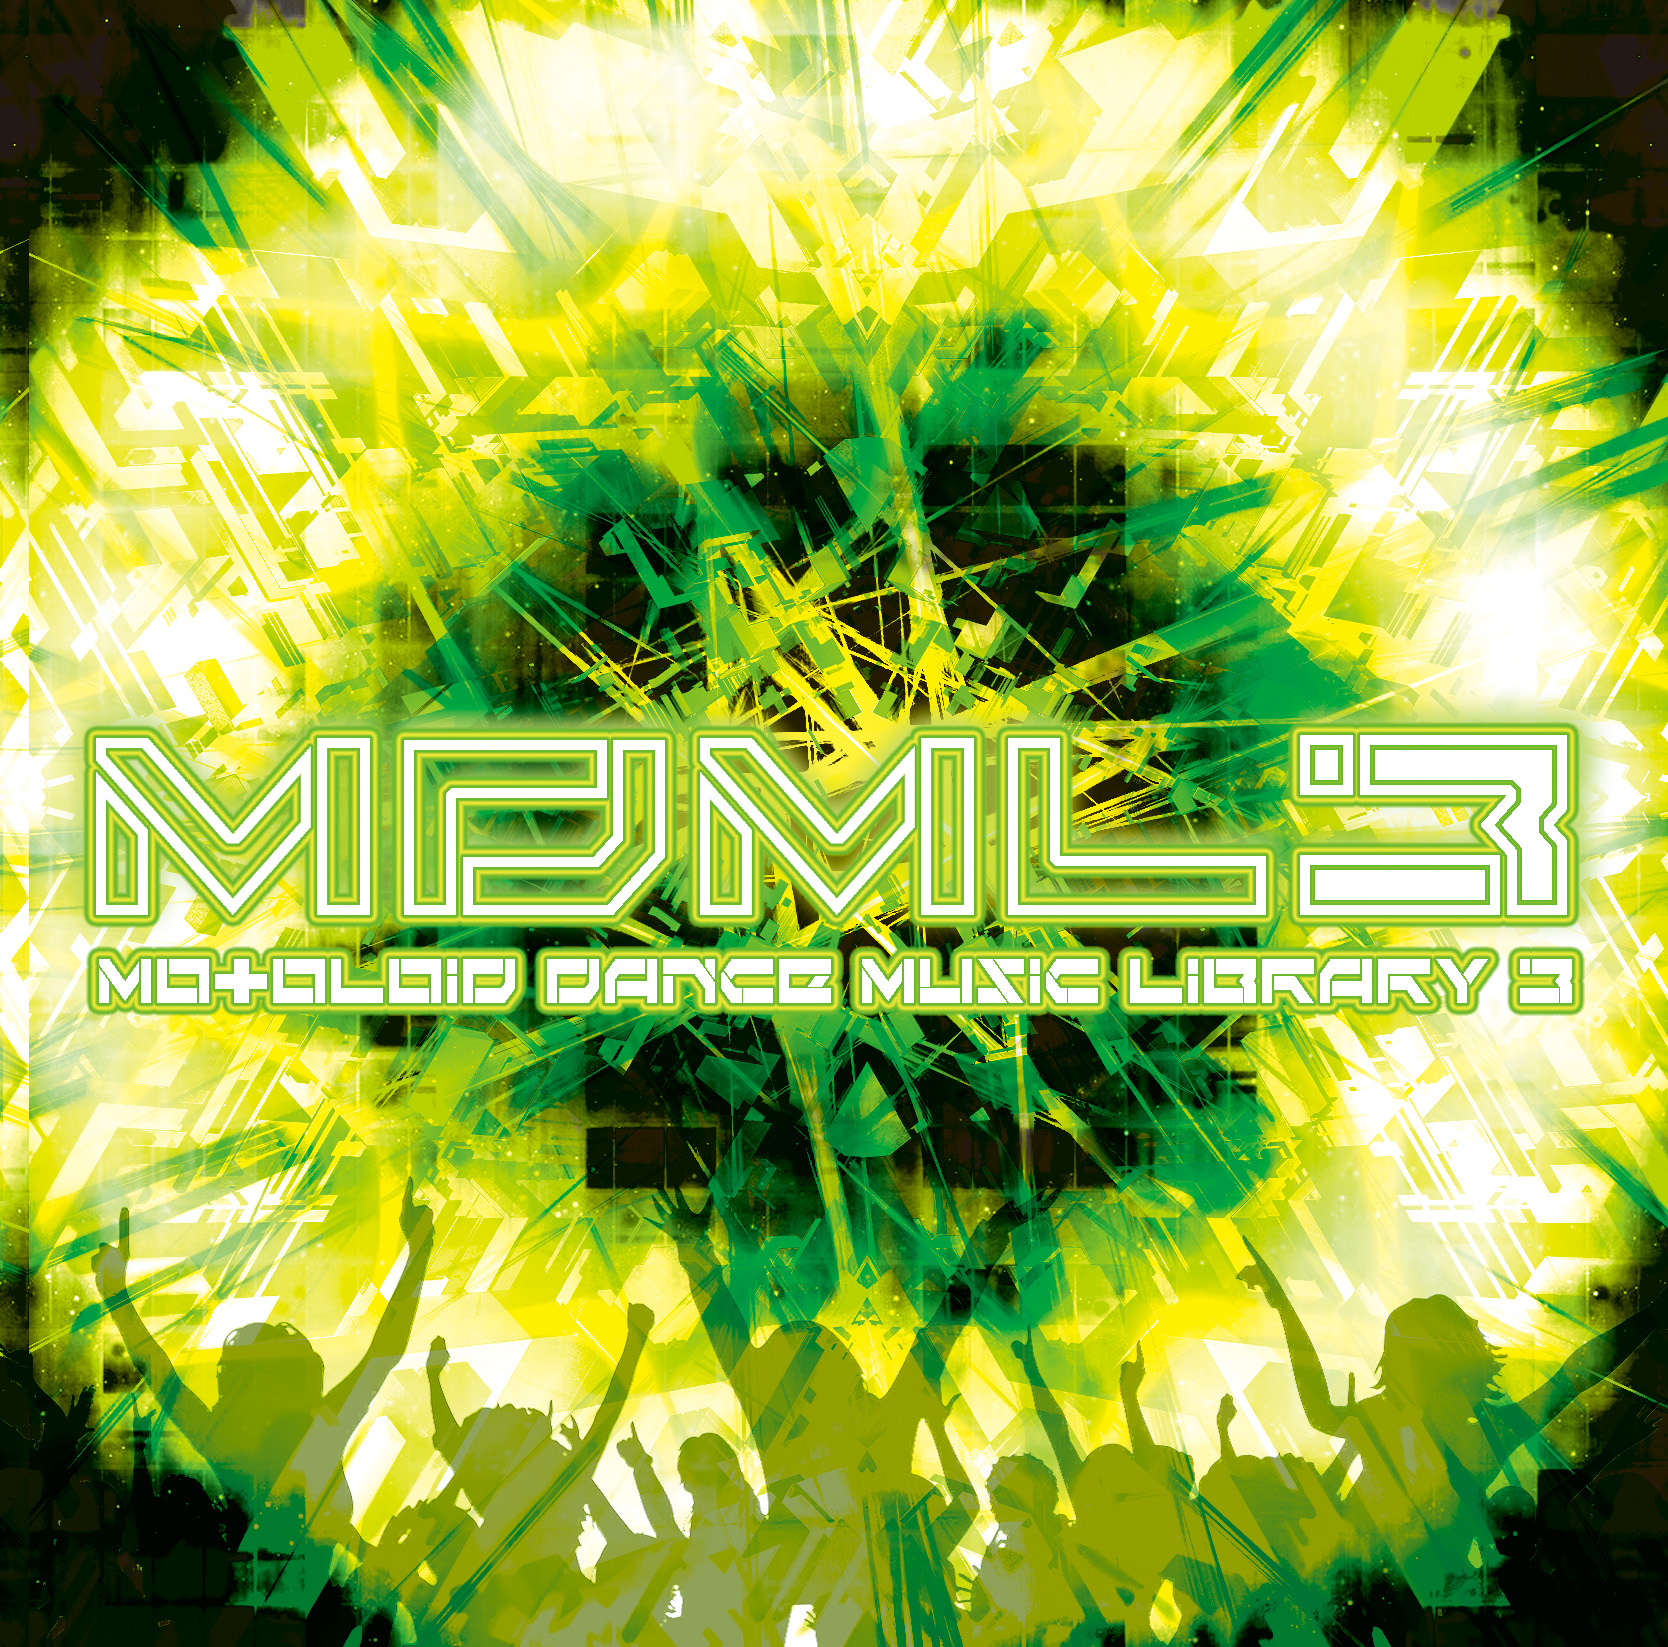 mdml3